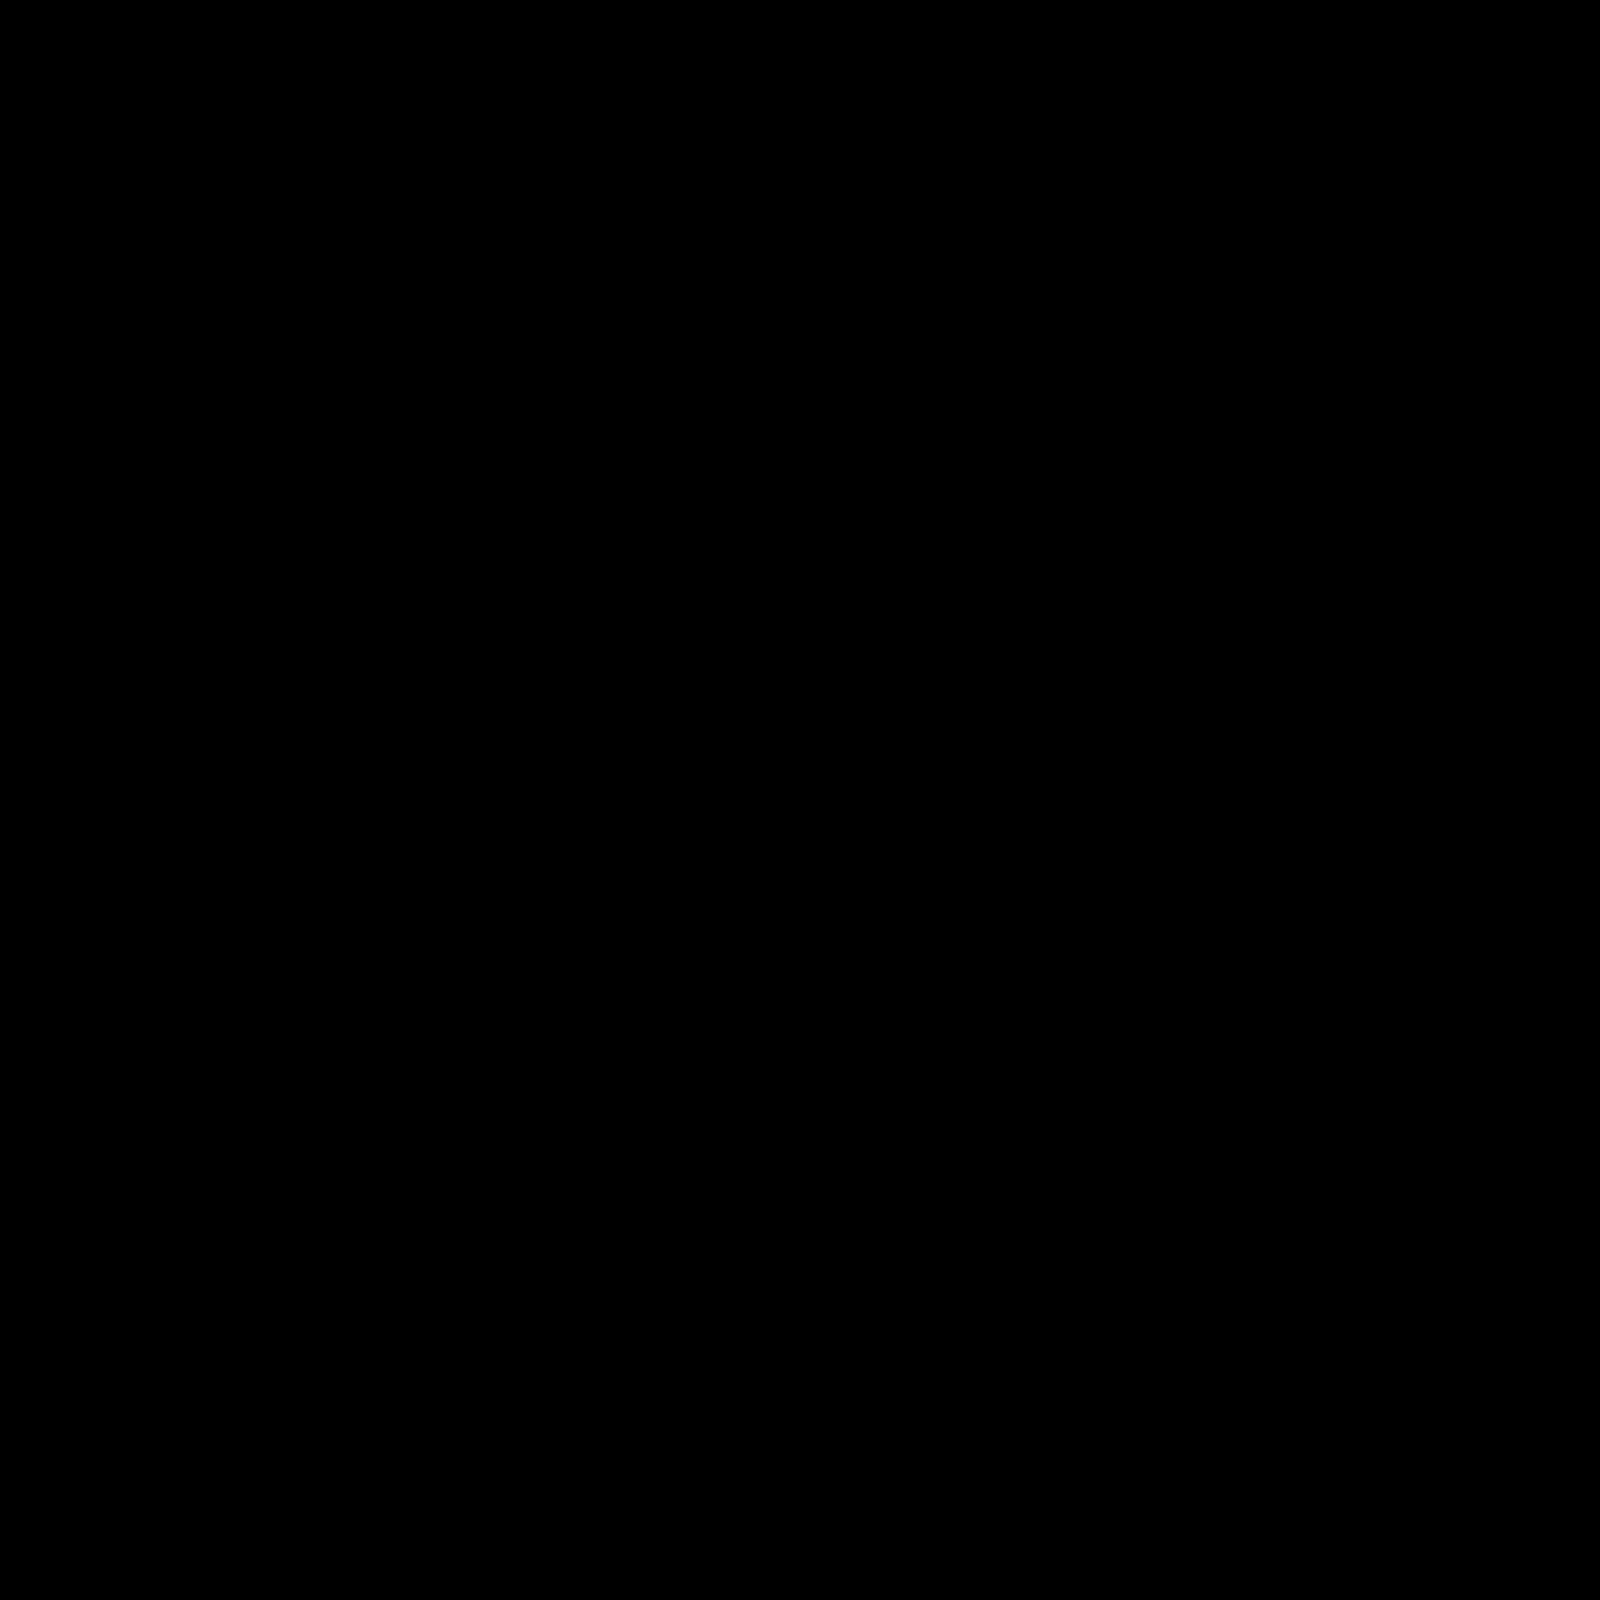 チキンラダー icon. On the right there is a line signifying stairs that ascends from diagonally from left to right in a series of right angles. To the left of this is the head of a rooster facing toward the stairway.